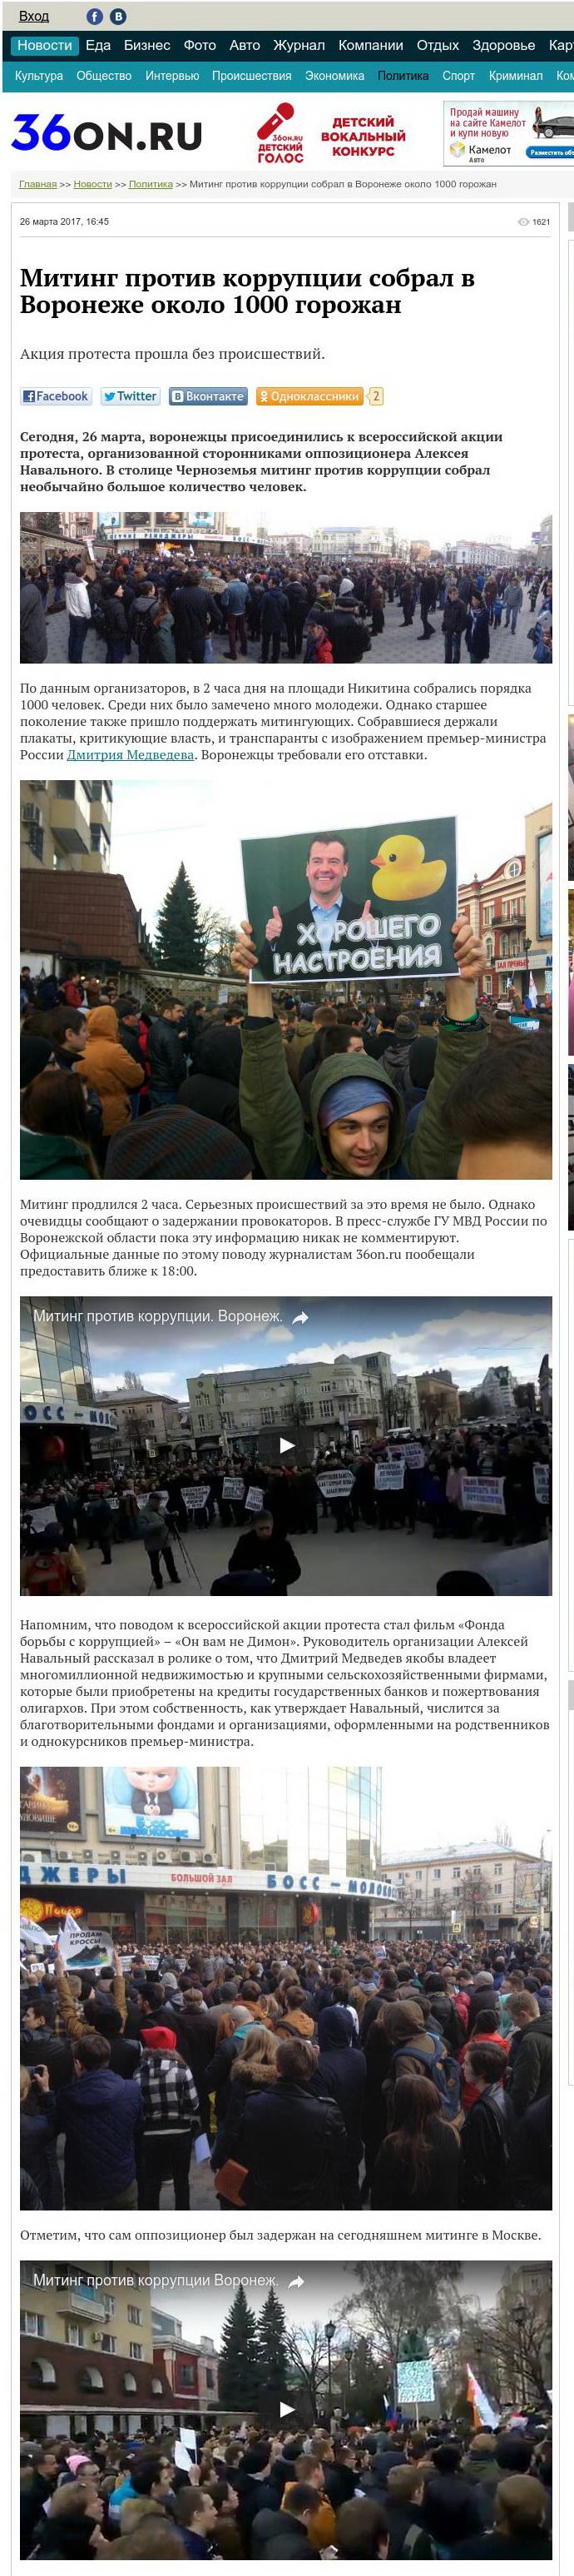 В Воронеже маданят сторонники Овального. Хотят тарифов как на Украине.